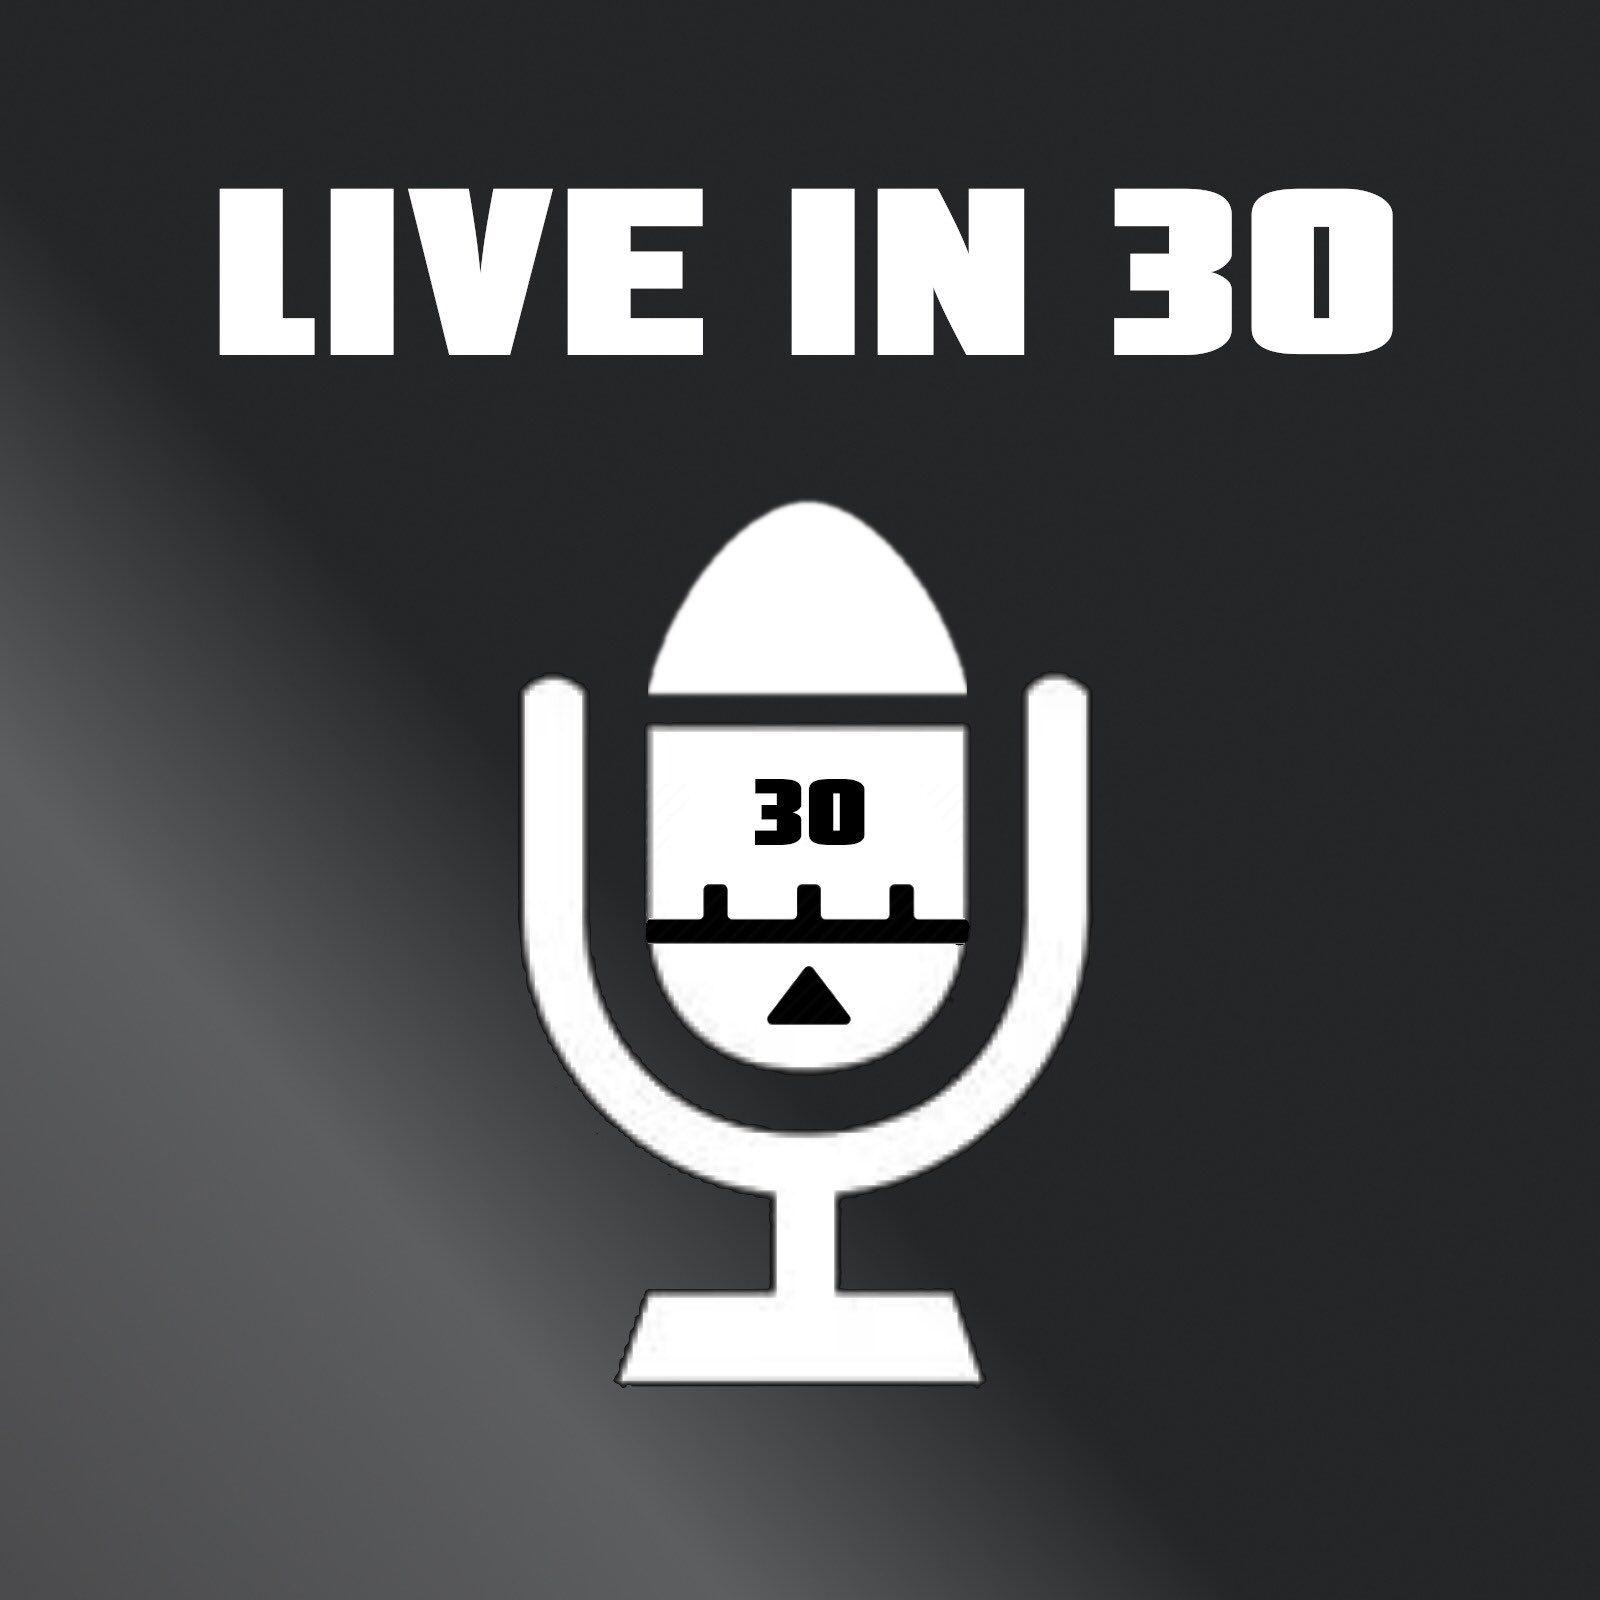 Live In 30 logo